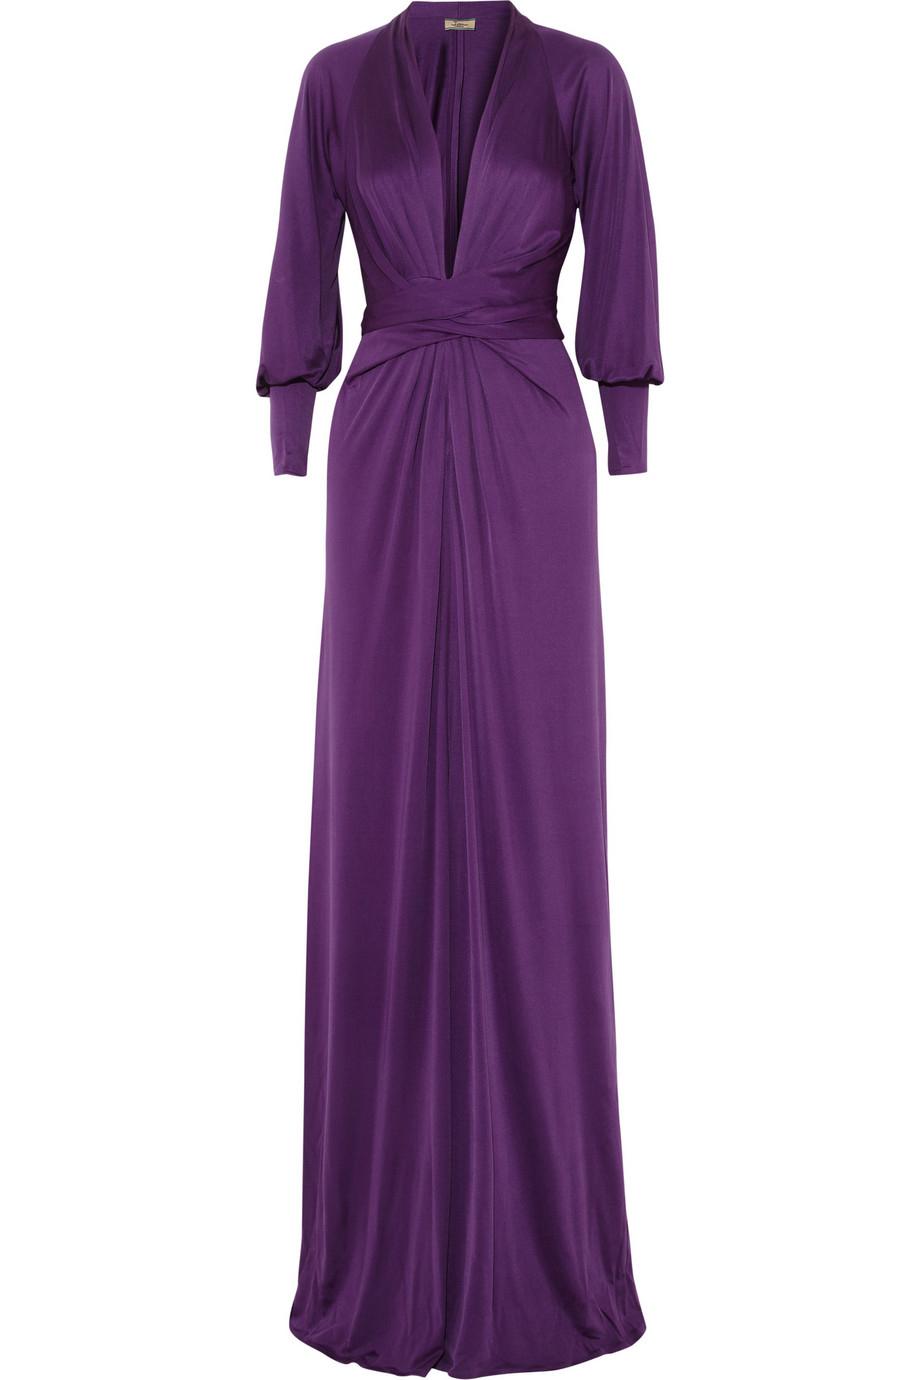 Issa Silk Jersey Maxi Dress in Purple   Lyst